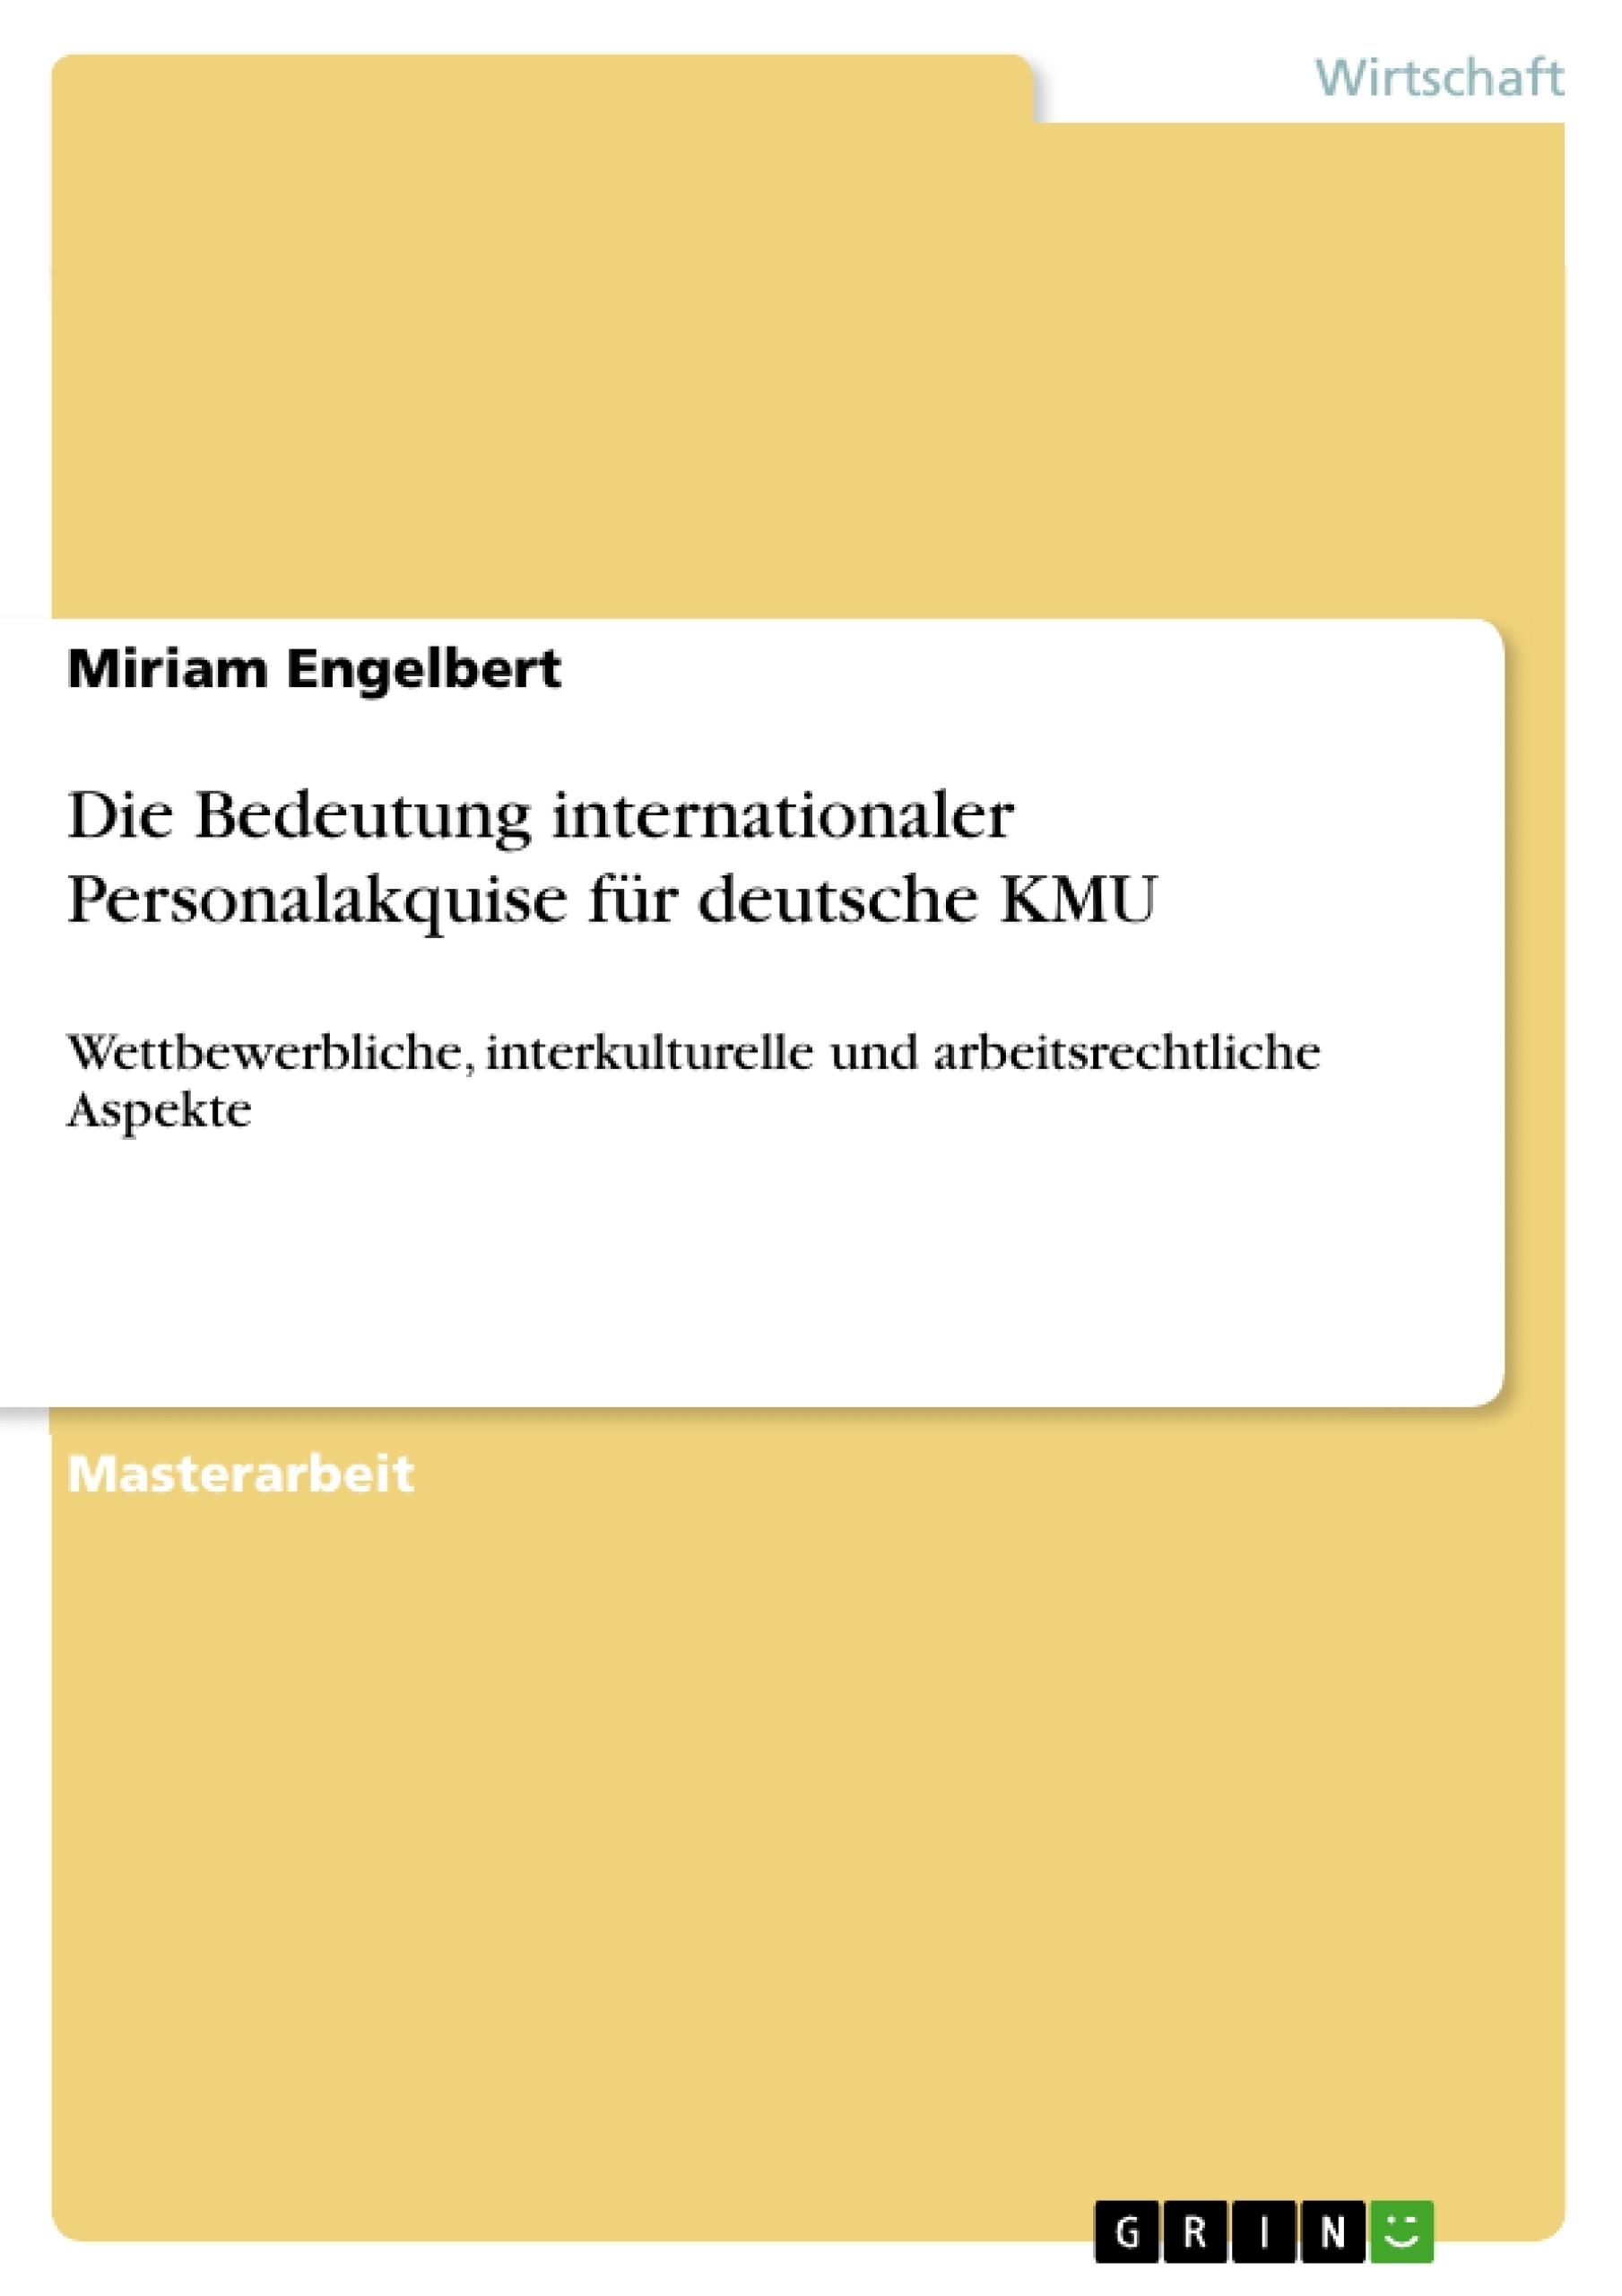 Titel: Die Bedeutung internationaler Personalakquise für deutsche KMU